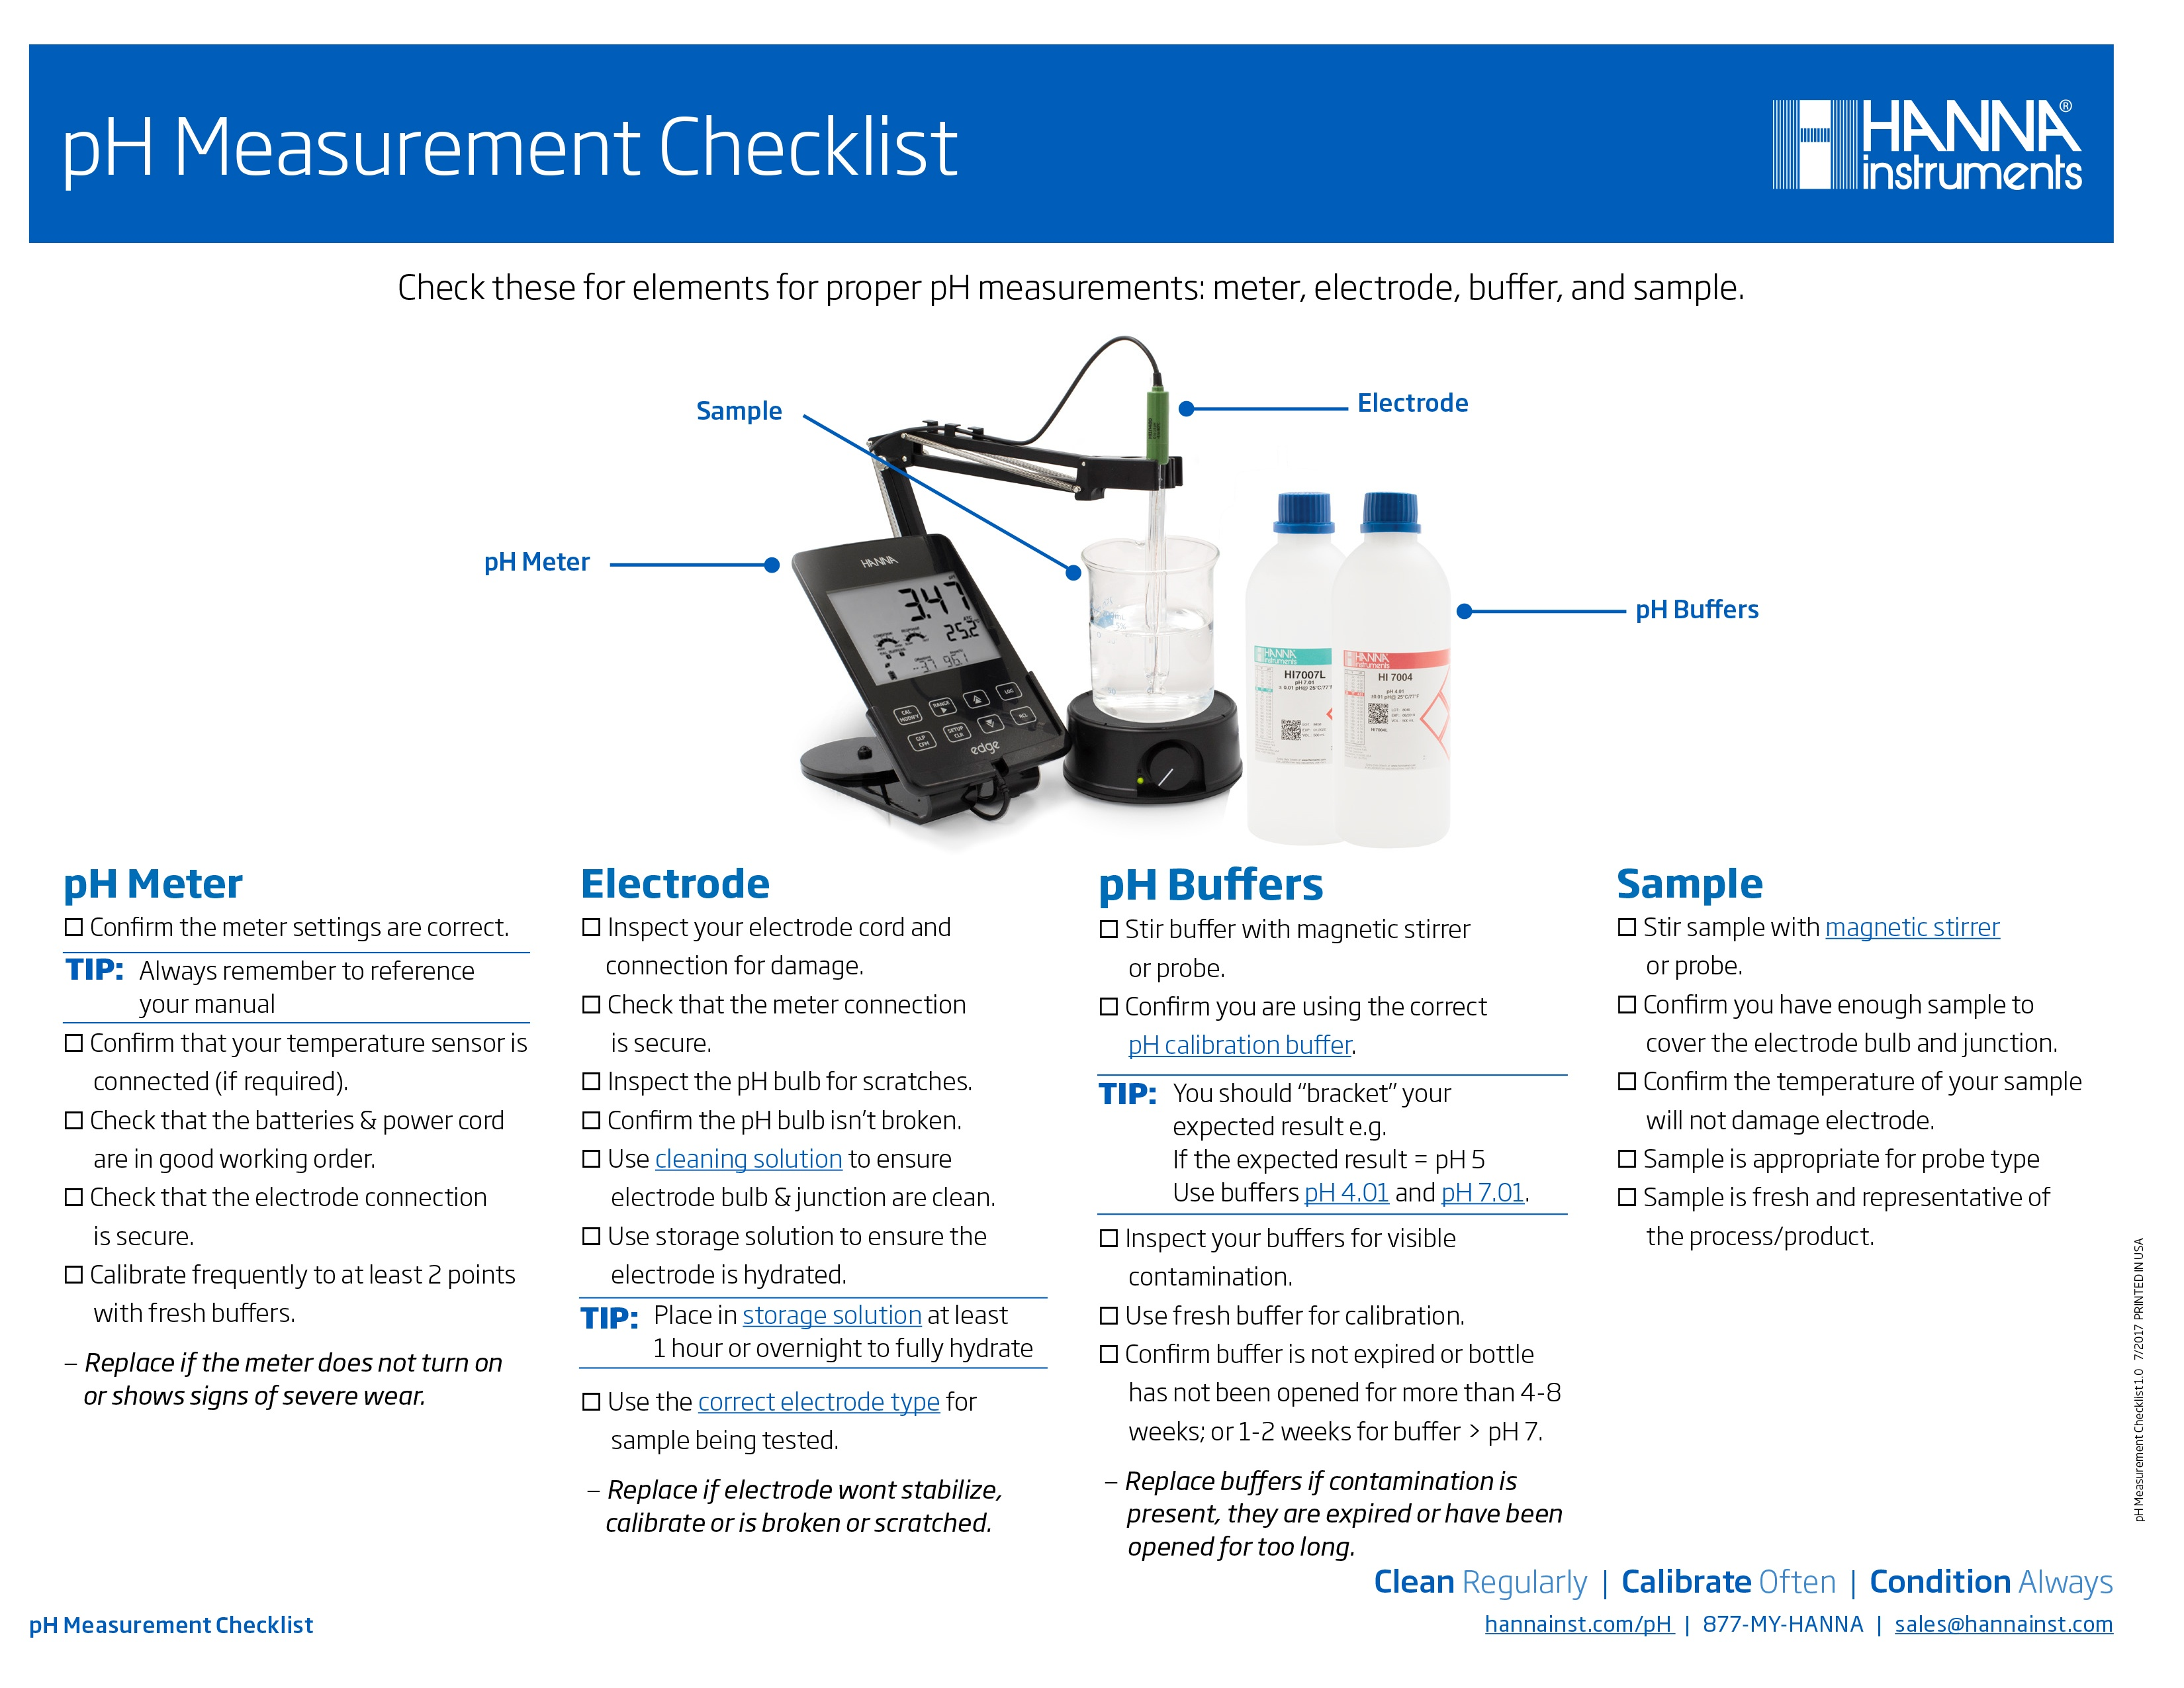 ph-measurement-checklist--hanna-instruments--1